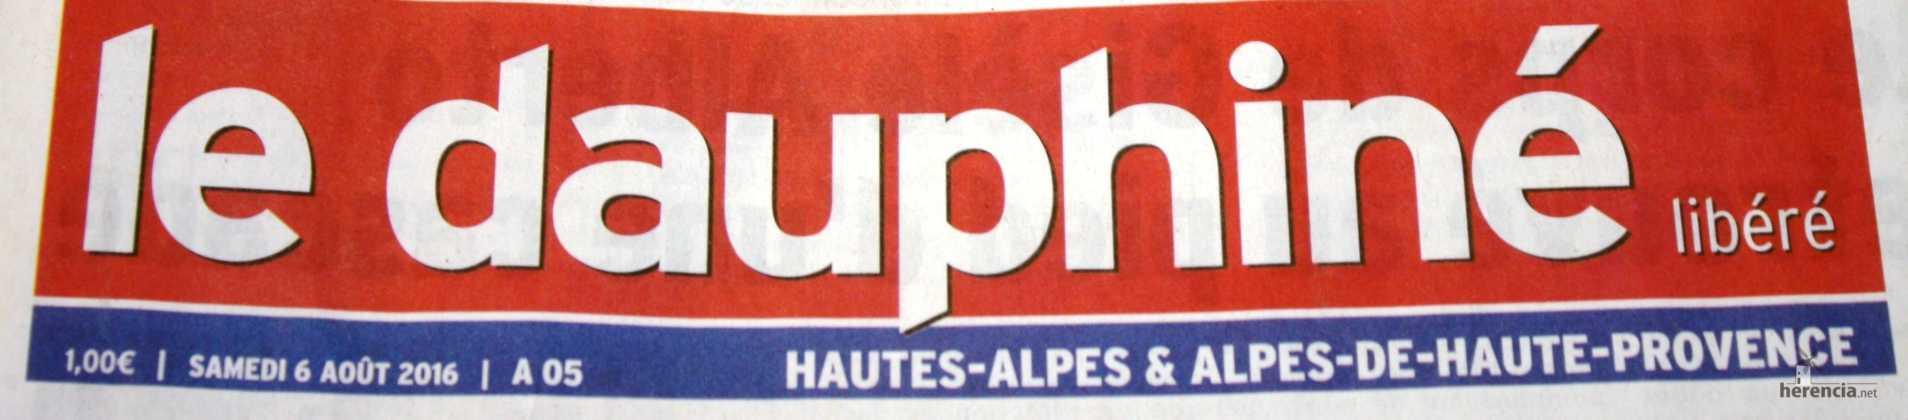 Etapa 23. El Perlé herenciano en la prensa francesa 2